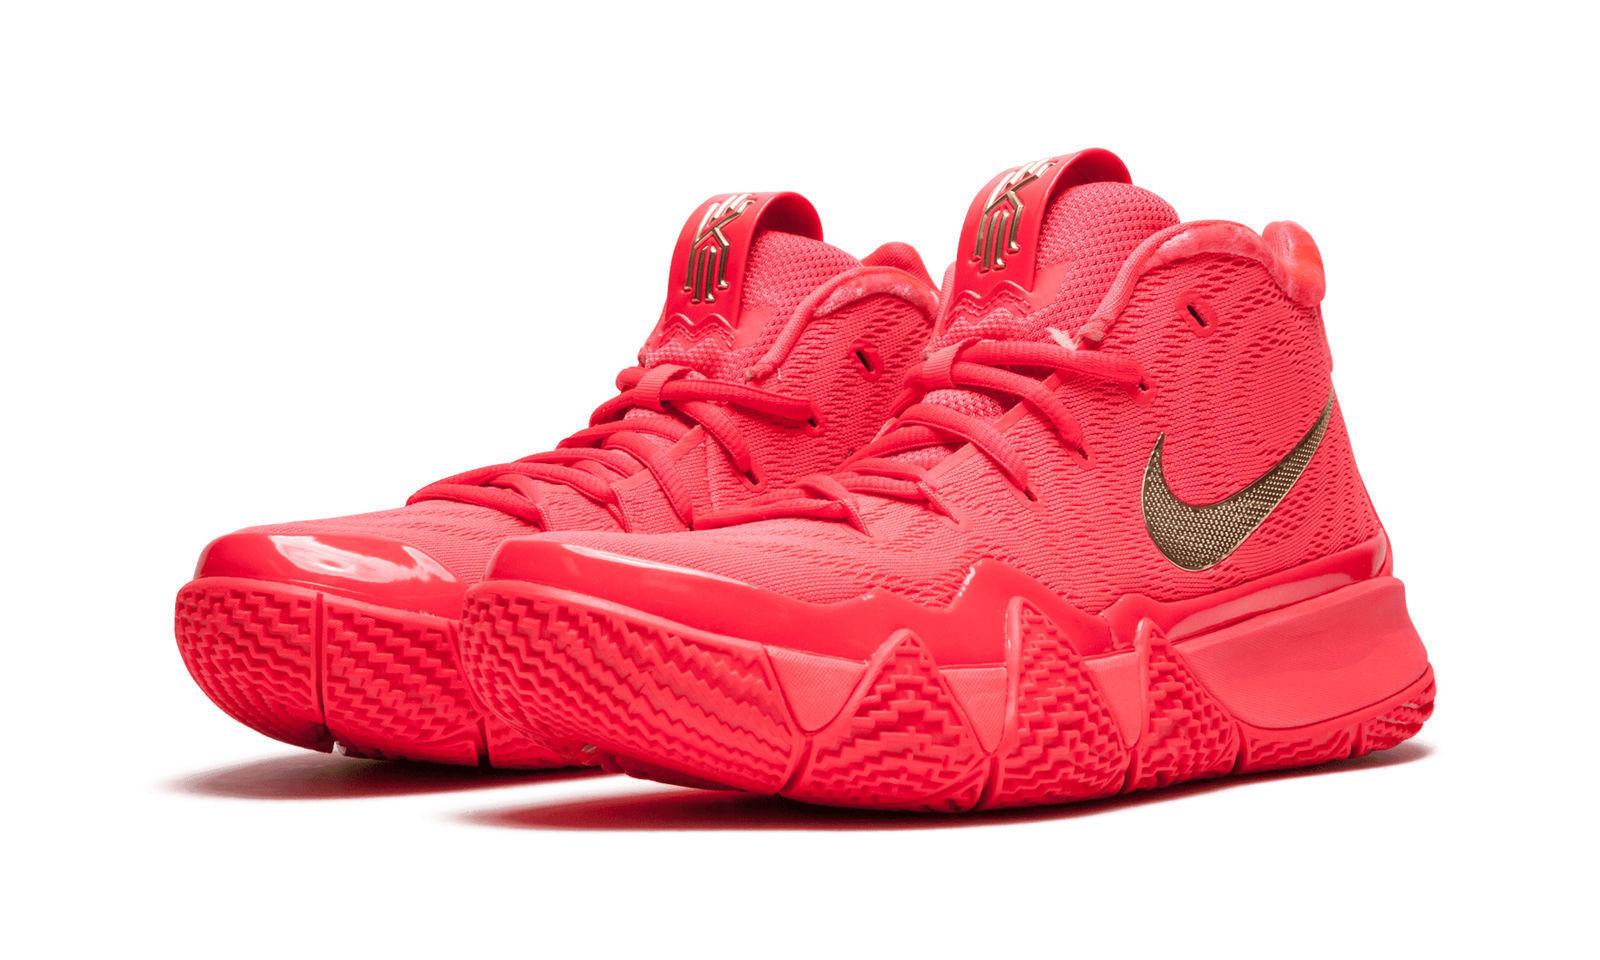 b45e6257772f Nike Kyrie 4